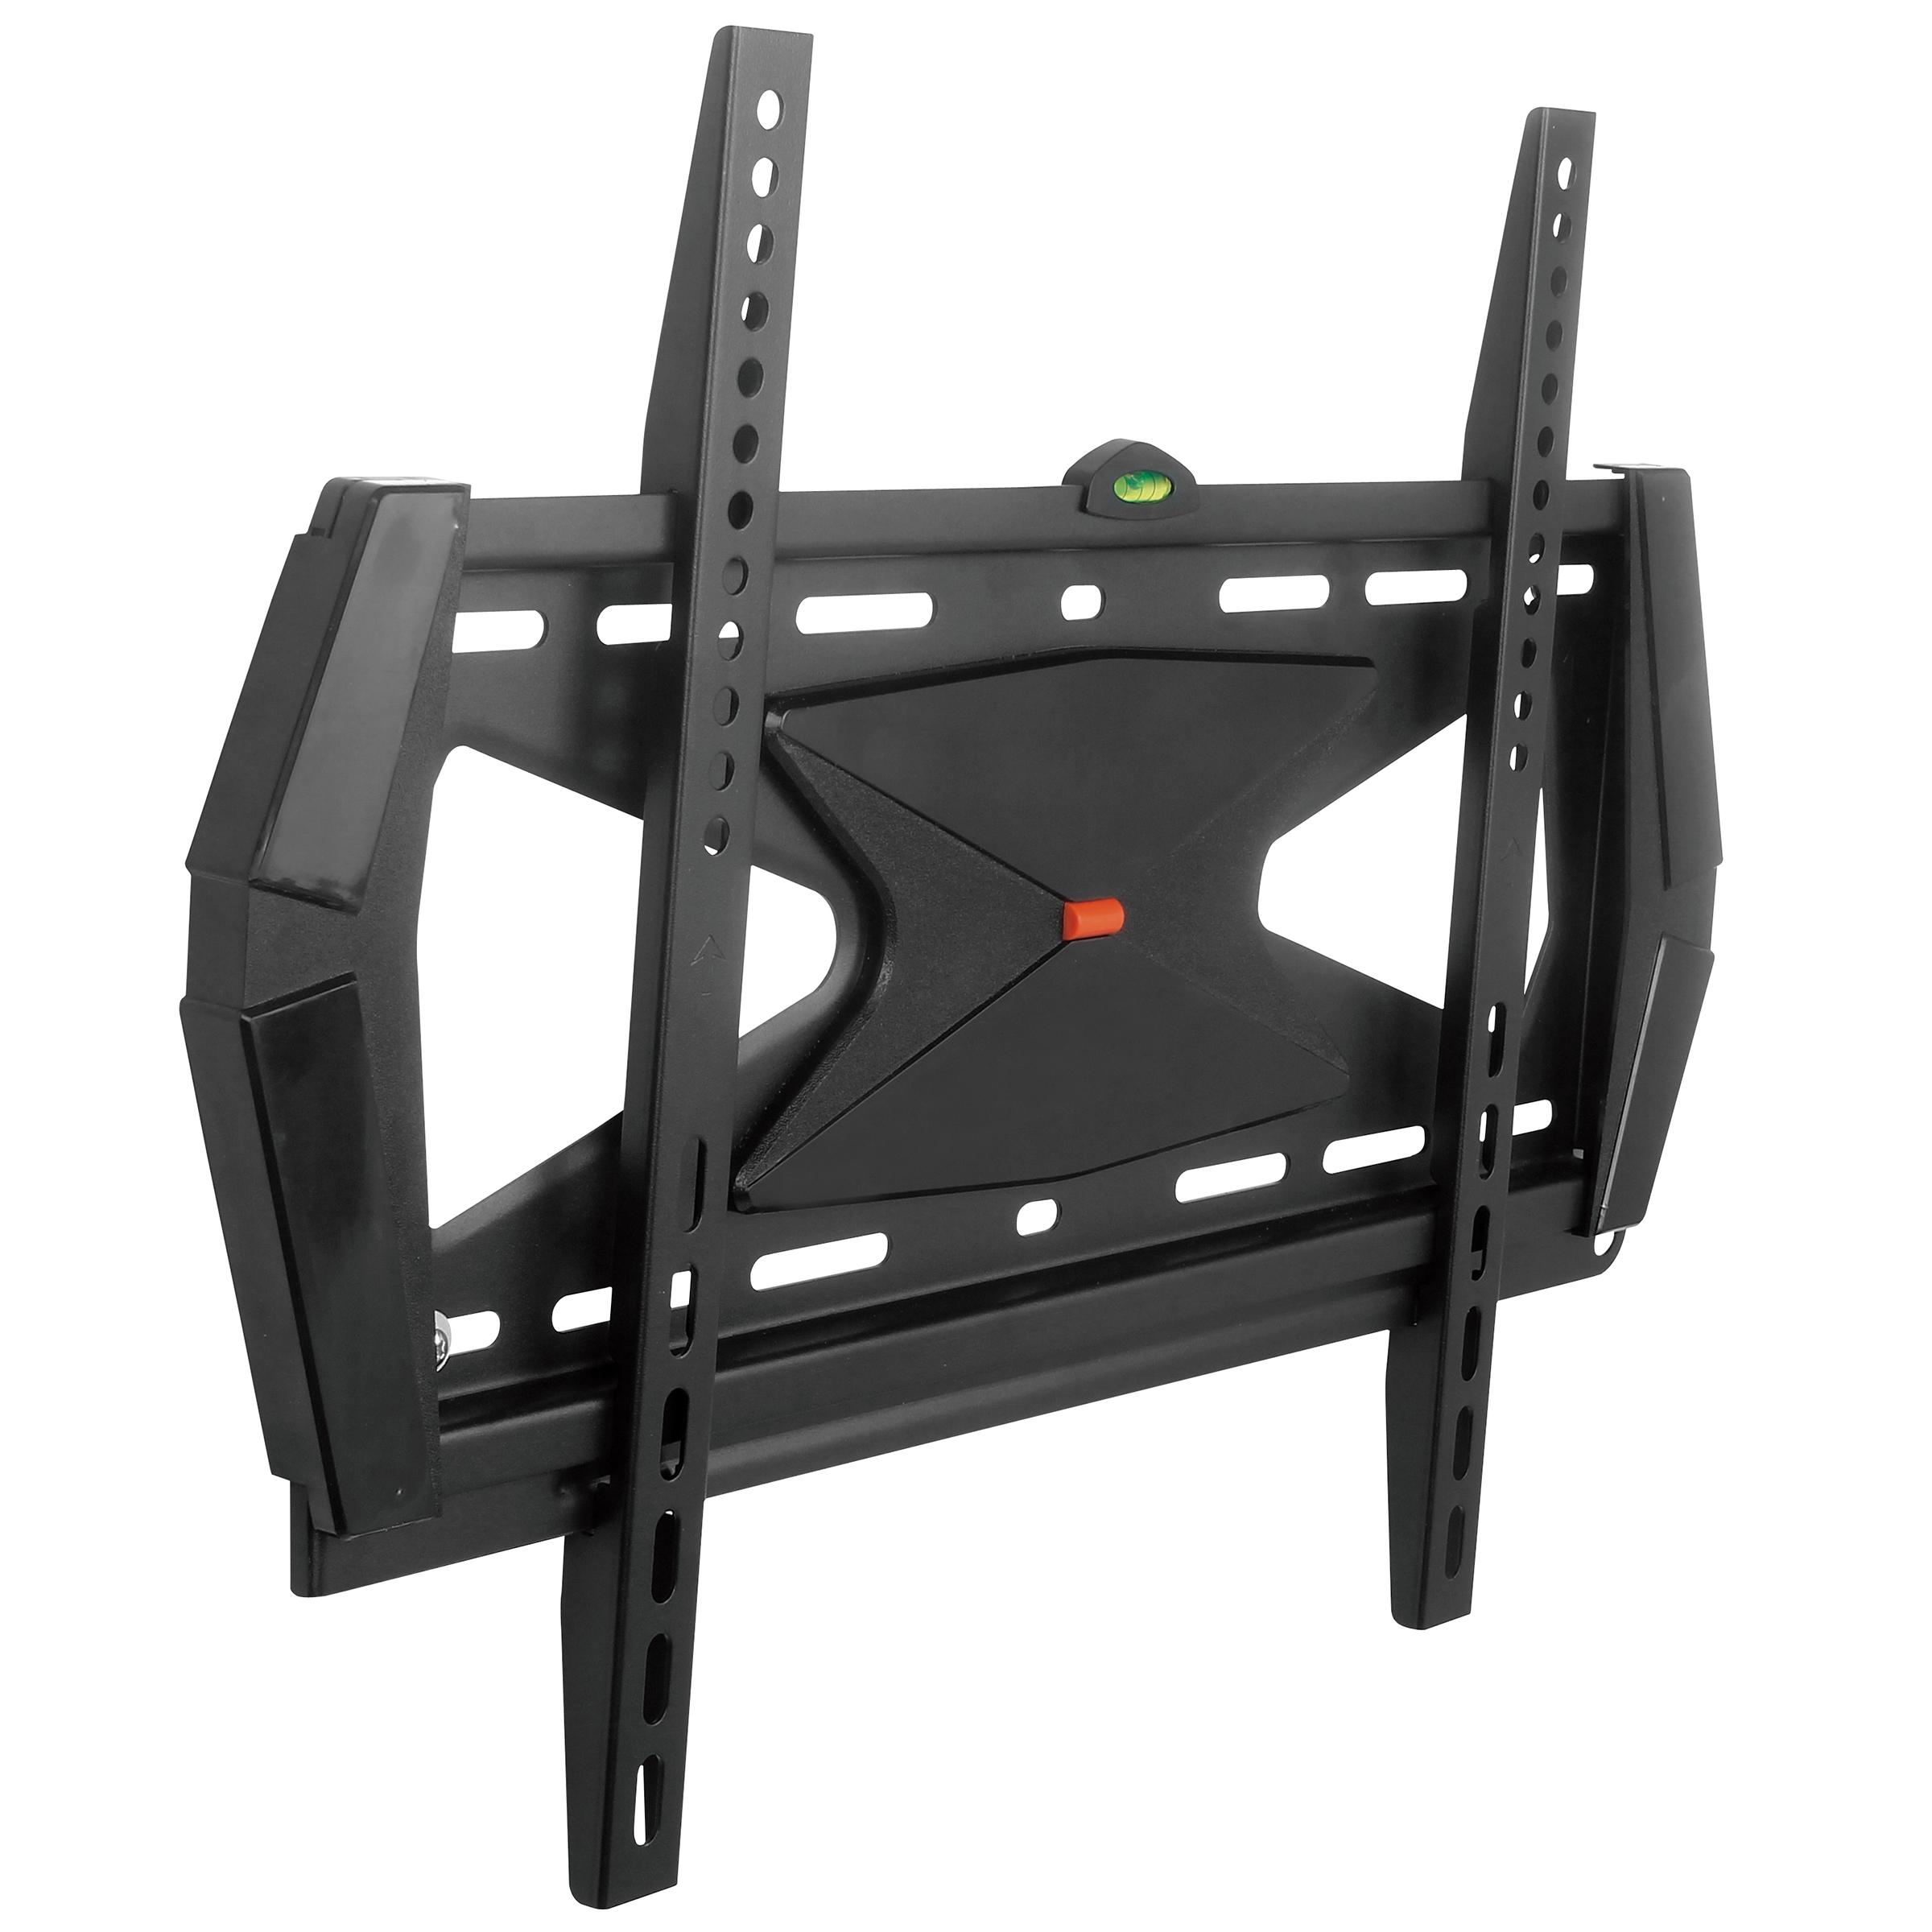 Bezpečnostní držák na Tv s možností uzamčení - Fiber Novelty FN404F